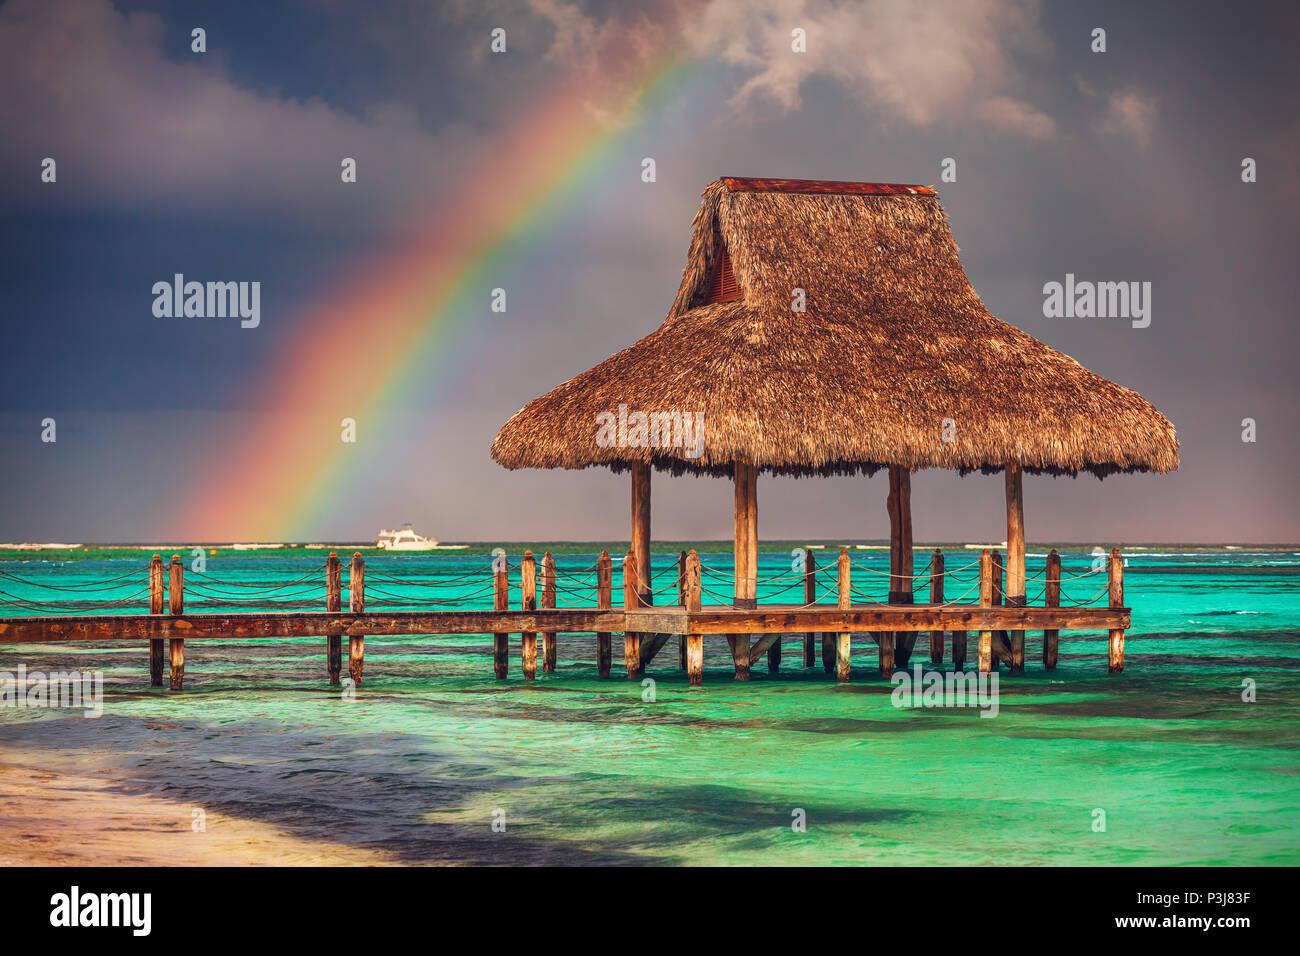 Rainbow oltre l'acqua legno Villa a Cap Cana, Repubblica Dominicana. Immagini Stock